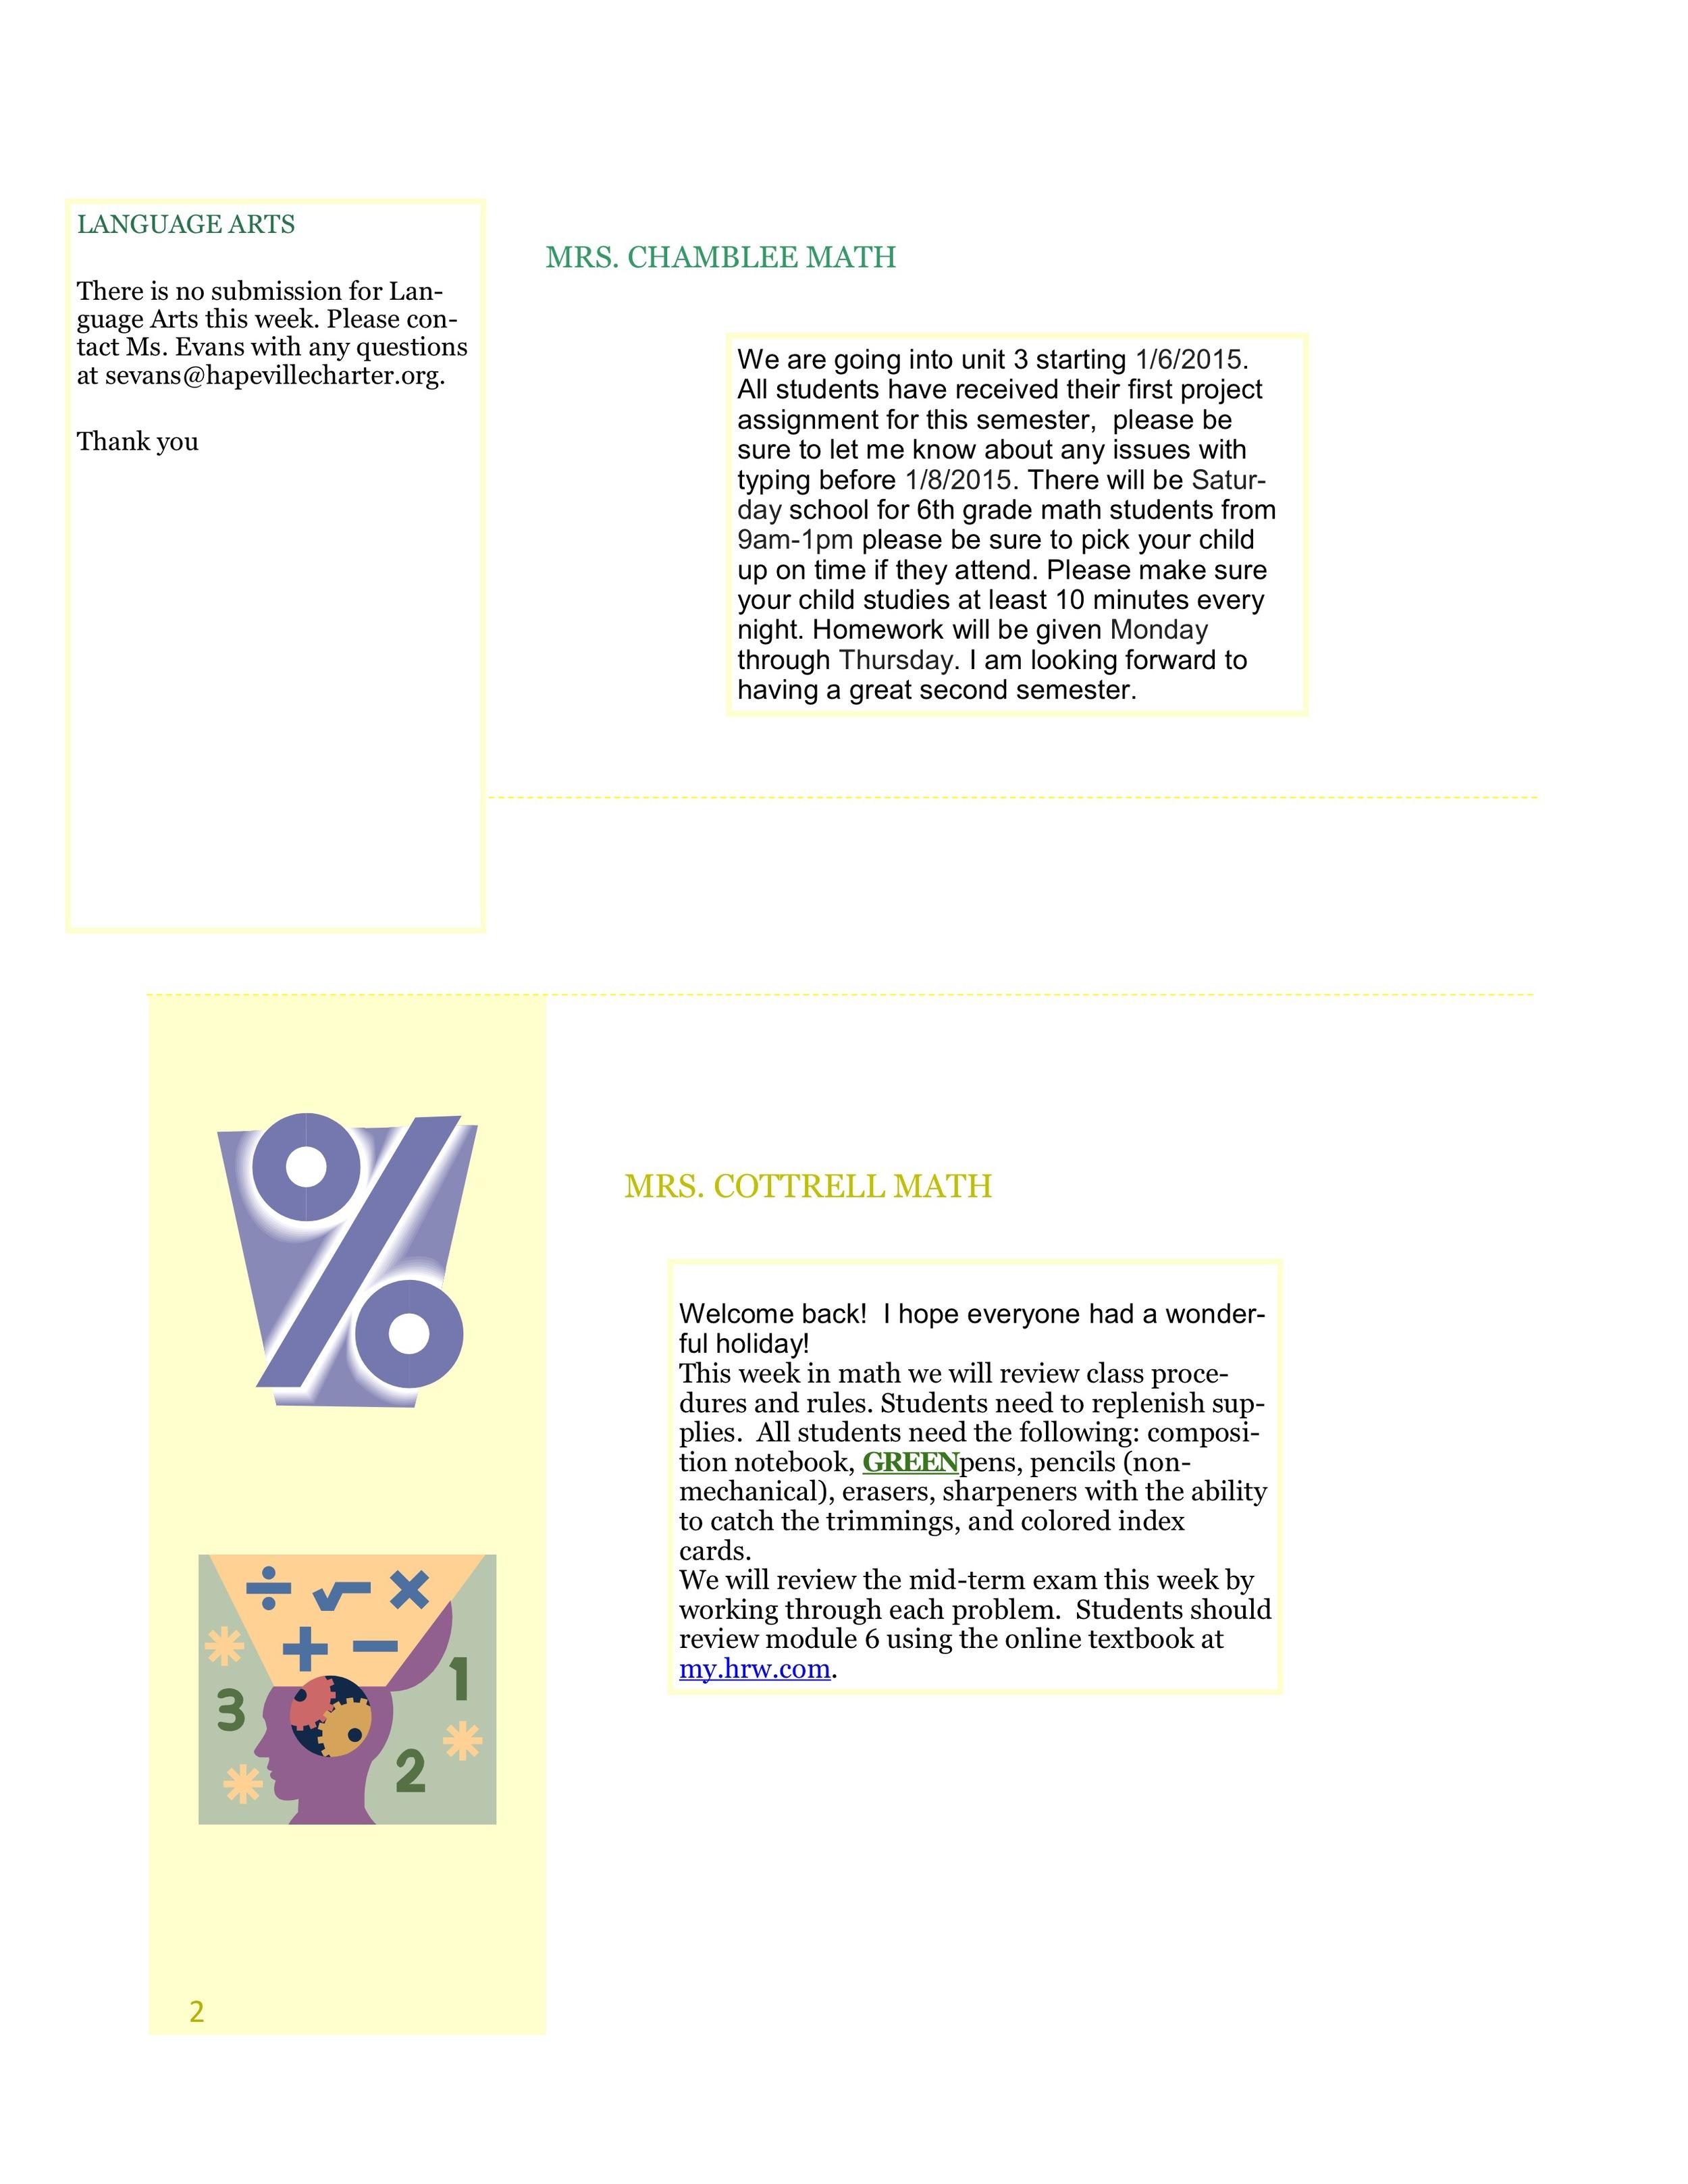 Newsletter ImageJanuary 6-9 2.jpeg